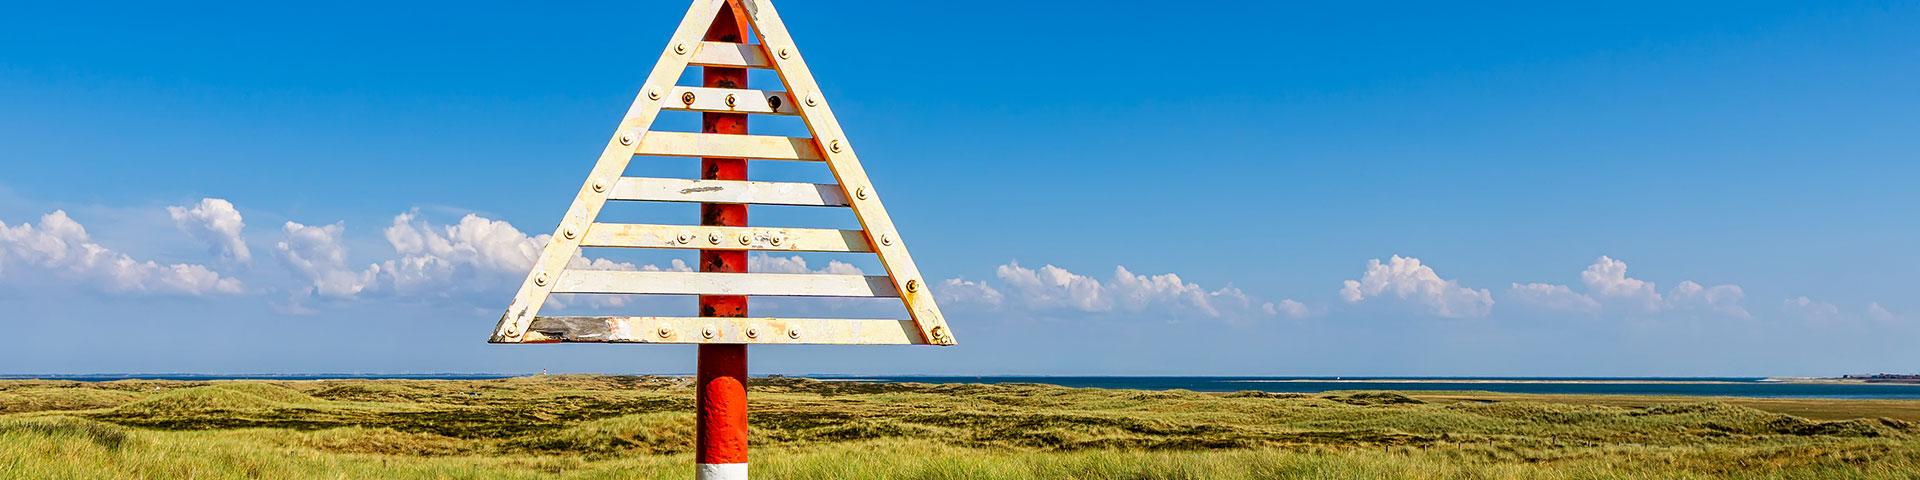 Dreieck aus Holz an roter Stange auf flachem Land vor blauem Himmel und dem Meer